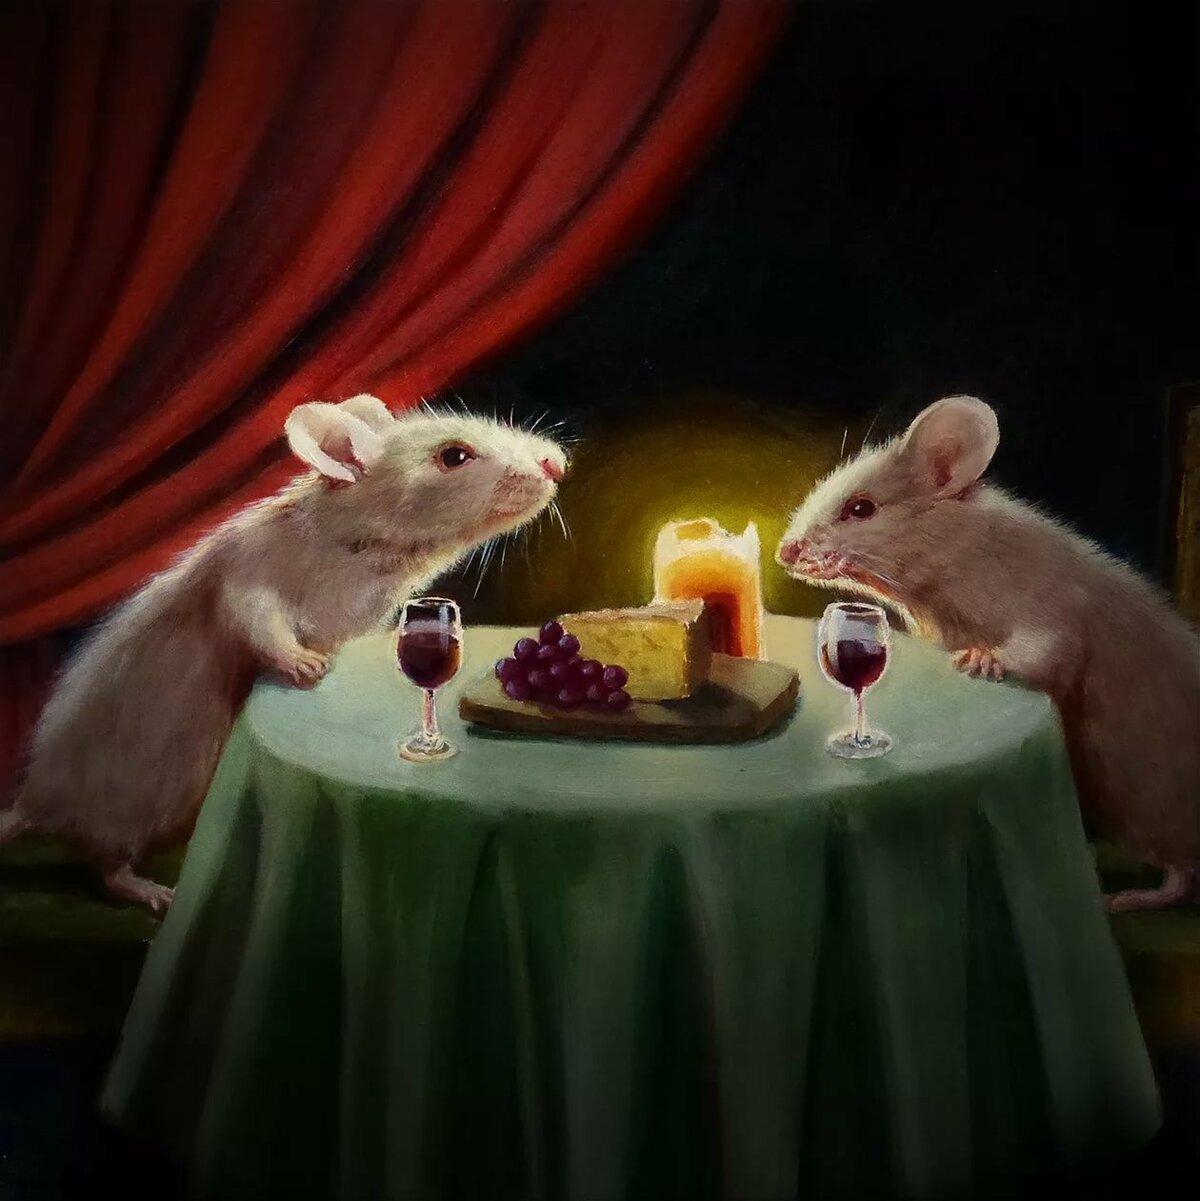 Прикольные картинки с мышами прикольные, надписями про